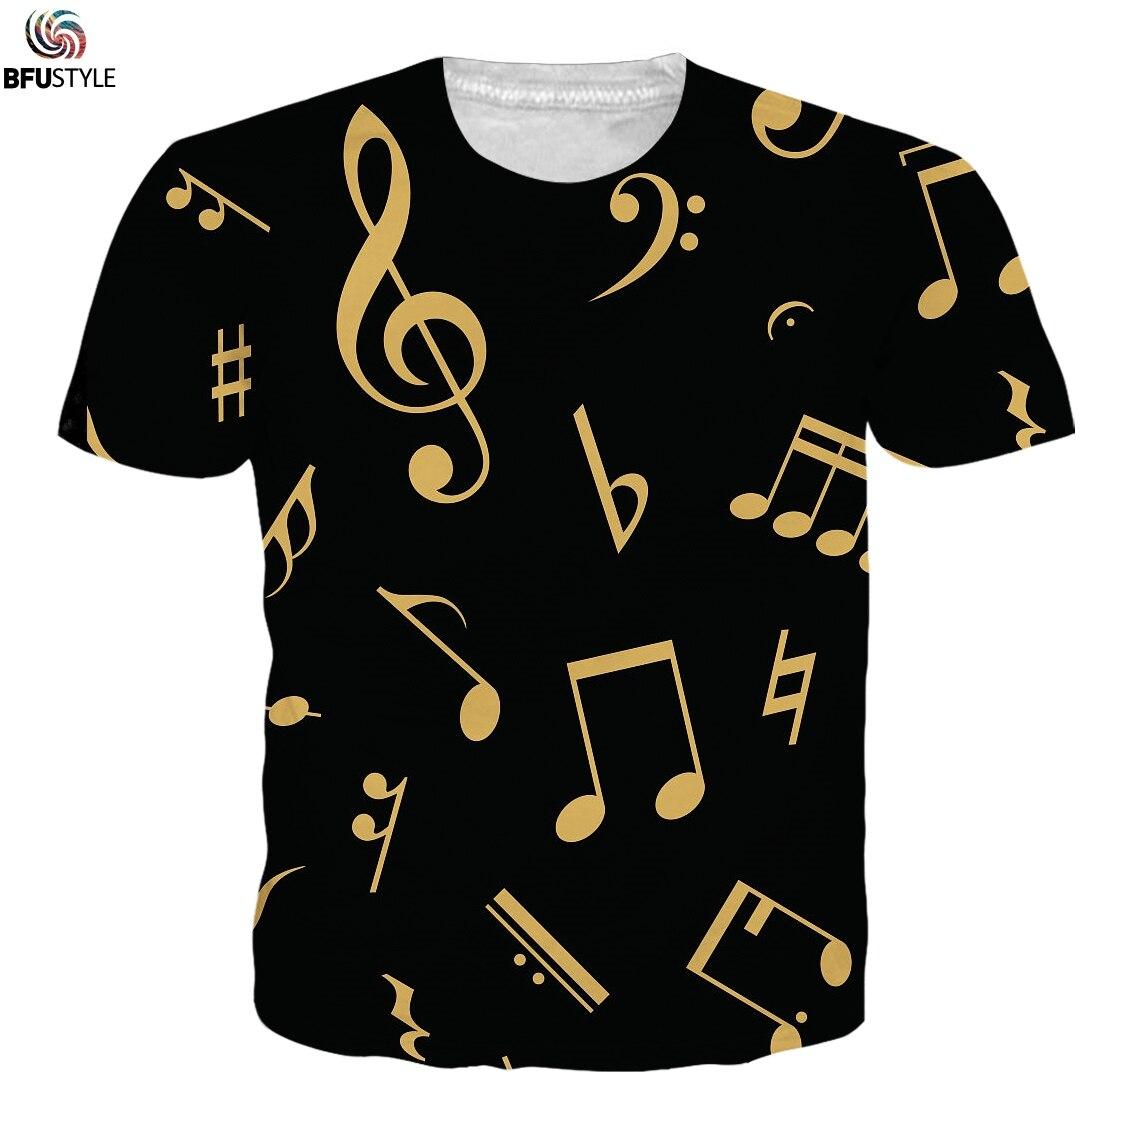 Musik Hinweis 3D Drucken Klavier T-shirts Männer Frauen 2019 Casual T Shirts Kurzarm Tees Tops Männer Hip Hop Streetwear